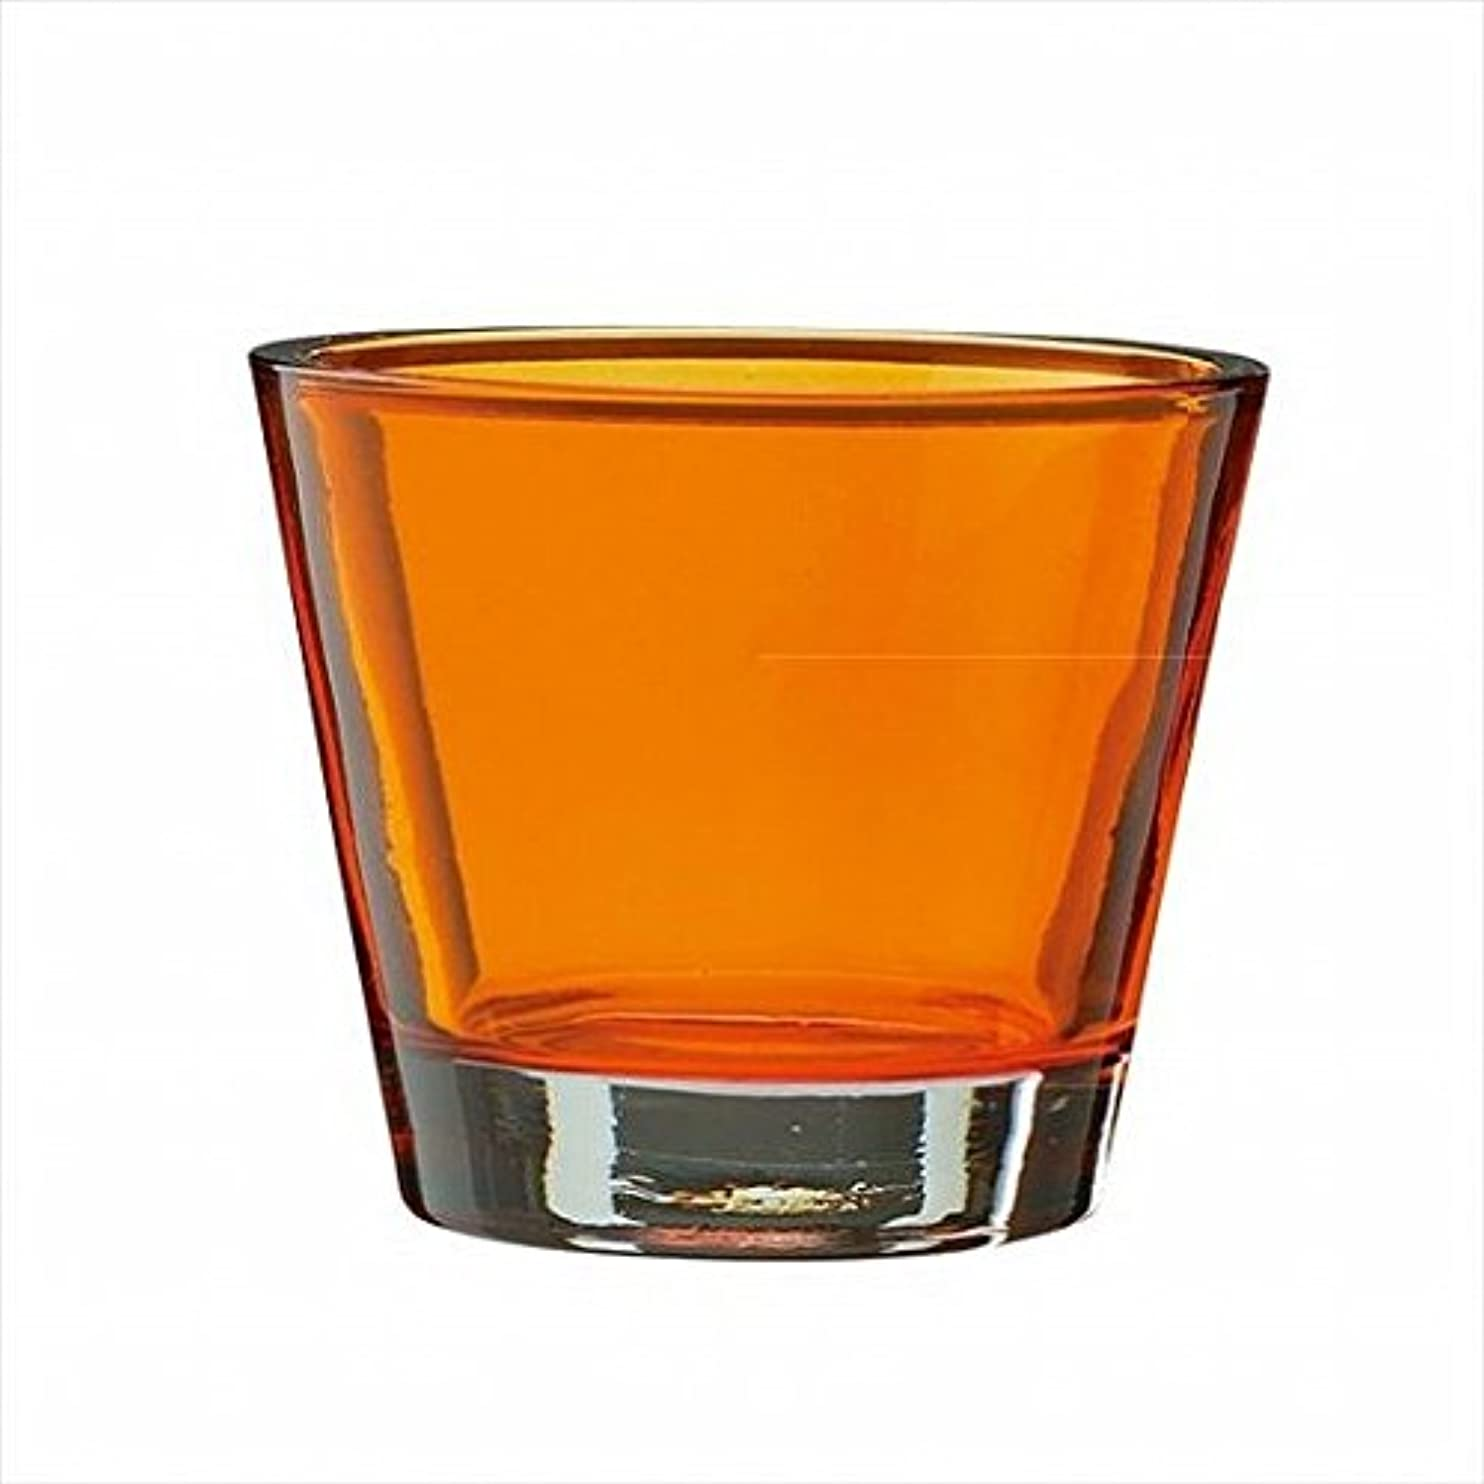 不健康代替案バイオレットkameyama candle(カメヤマキャンドル) カラリス 「 オレンジ 」 キャンドル 82x82x70mm (J2540000OR)